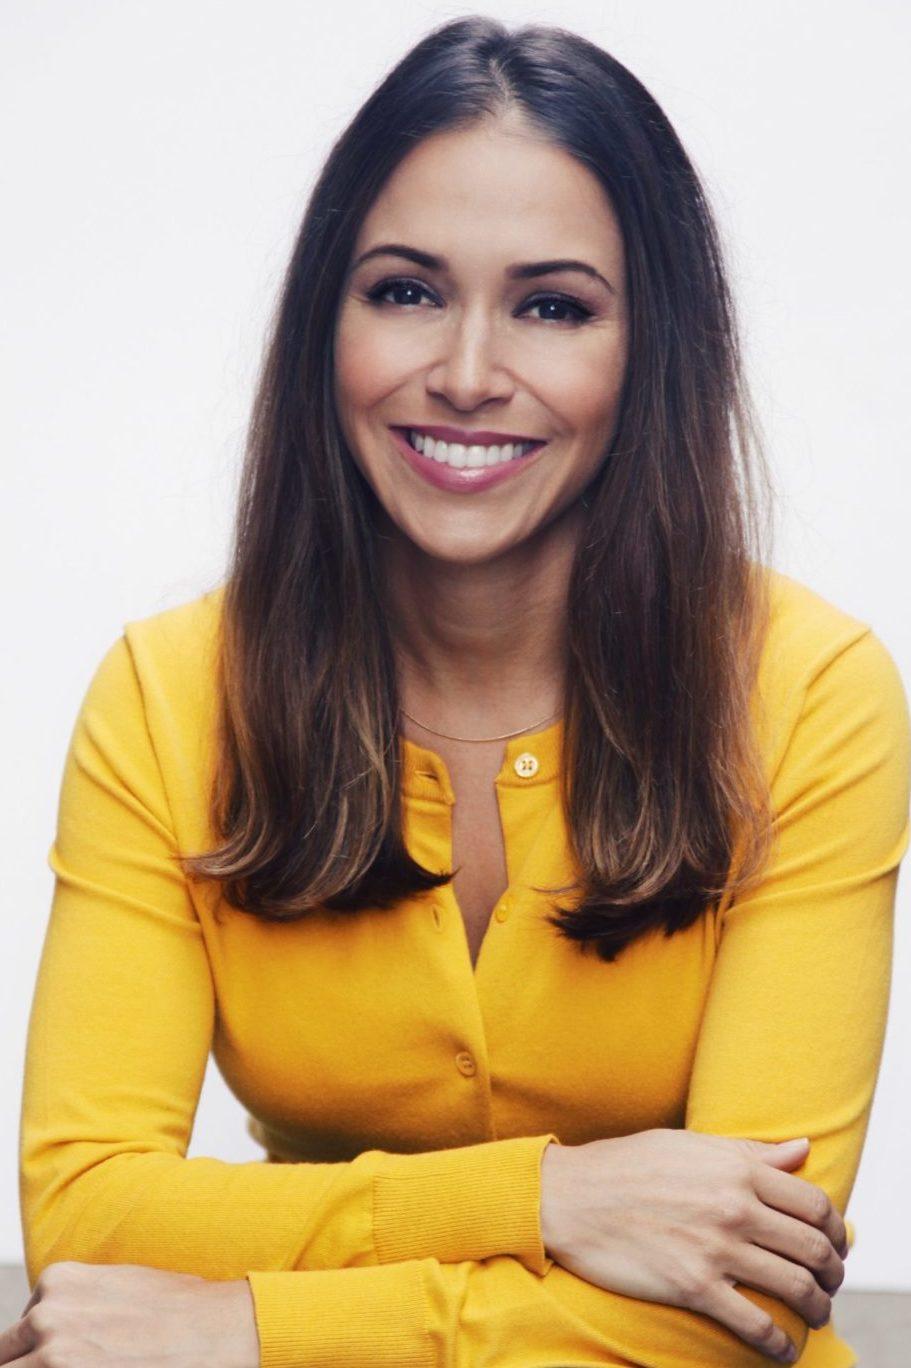 Natalie Davila